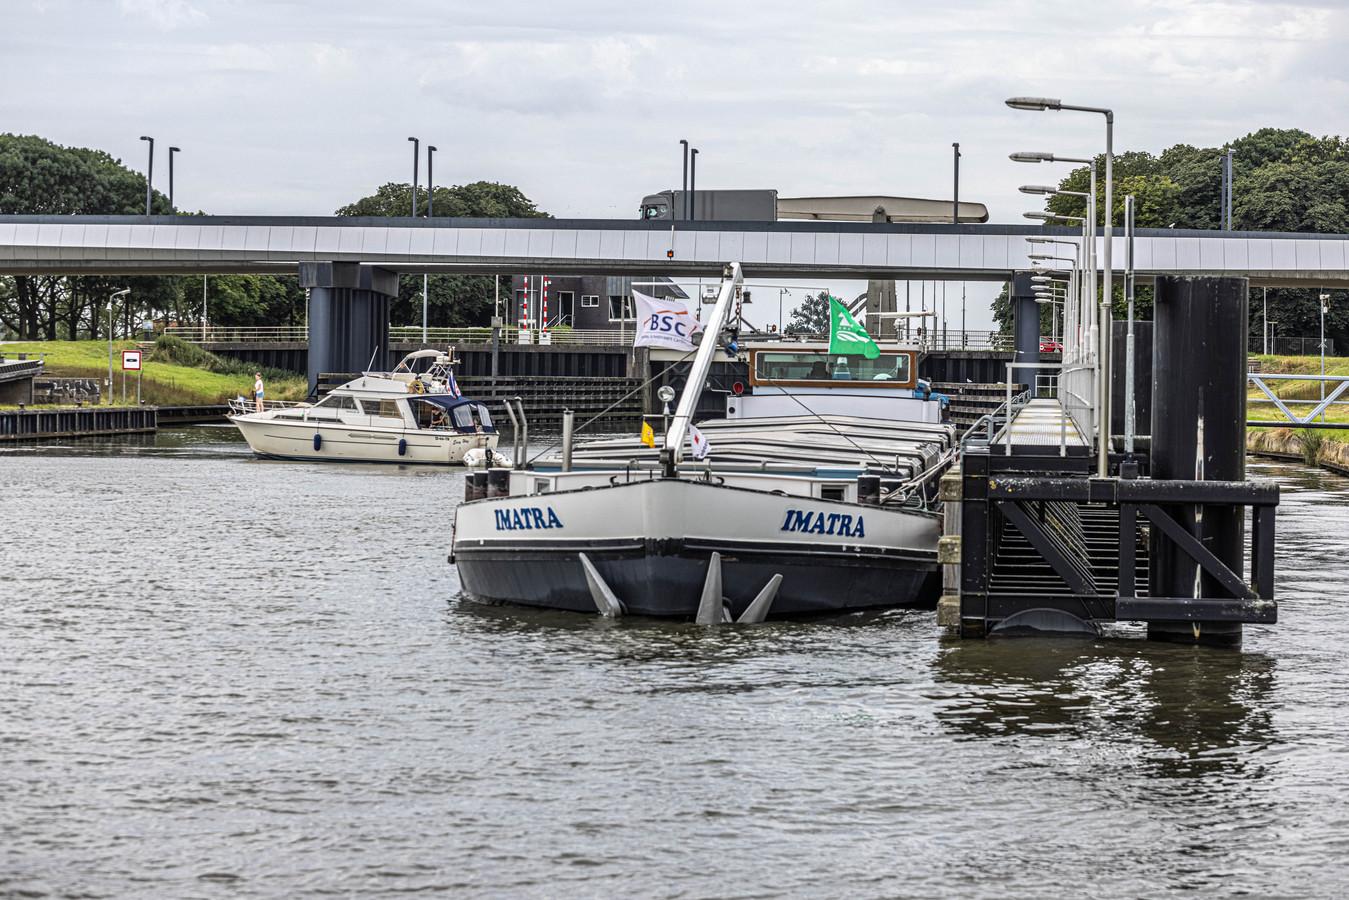 De Imatra ligt in het Zwolle-IJsselkanaal